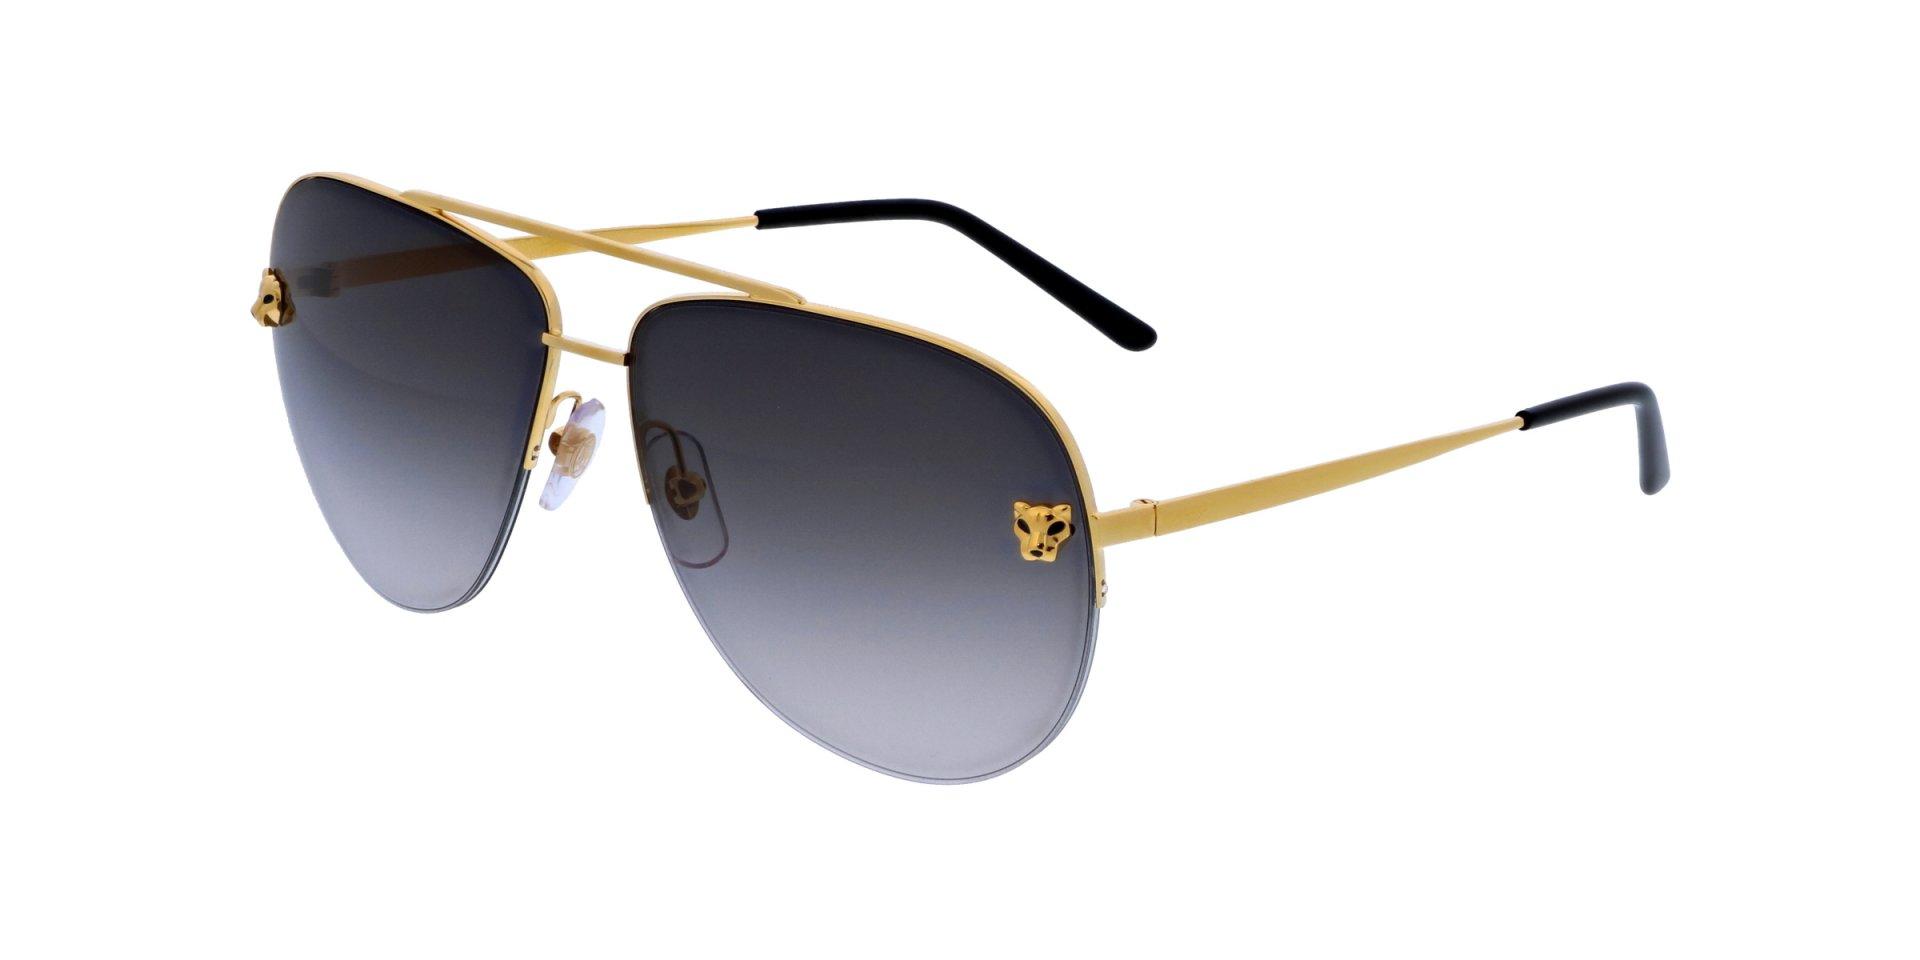 2466bc138d Sunglasses CARTIER